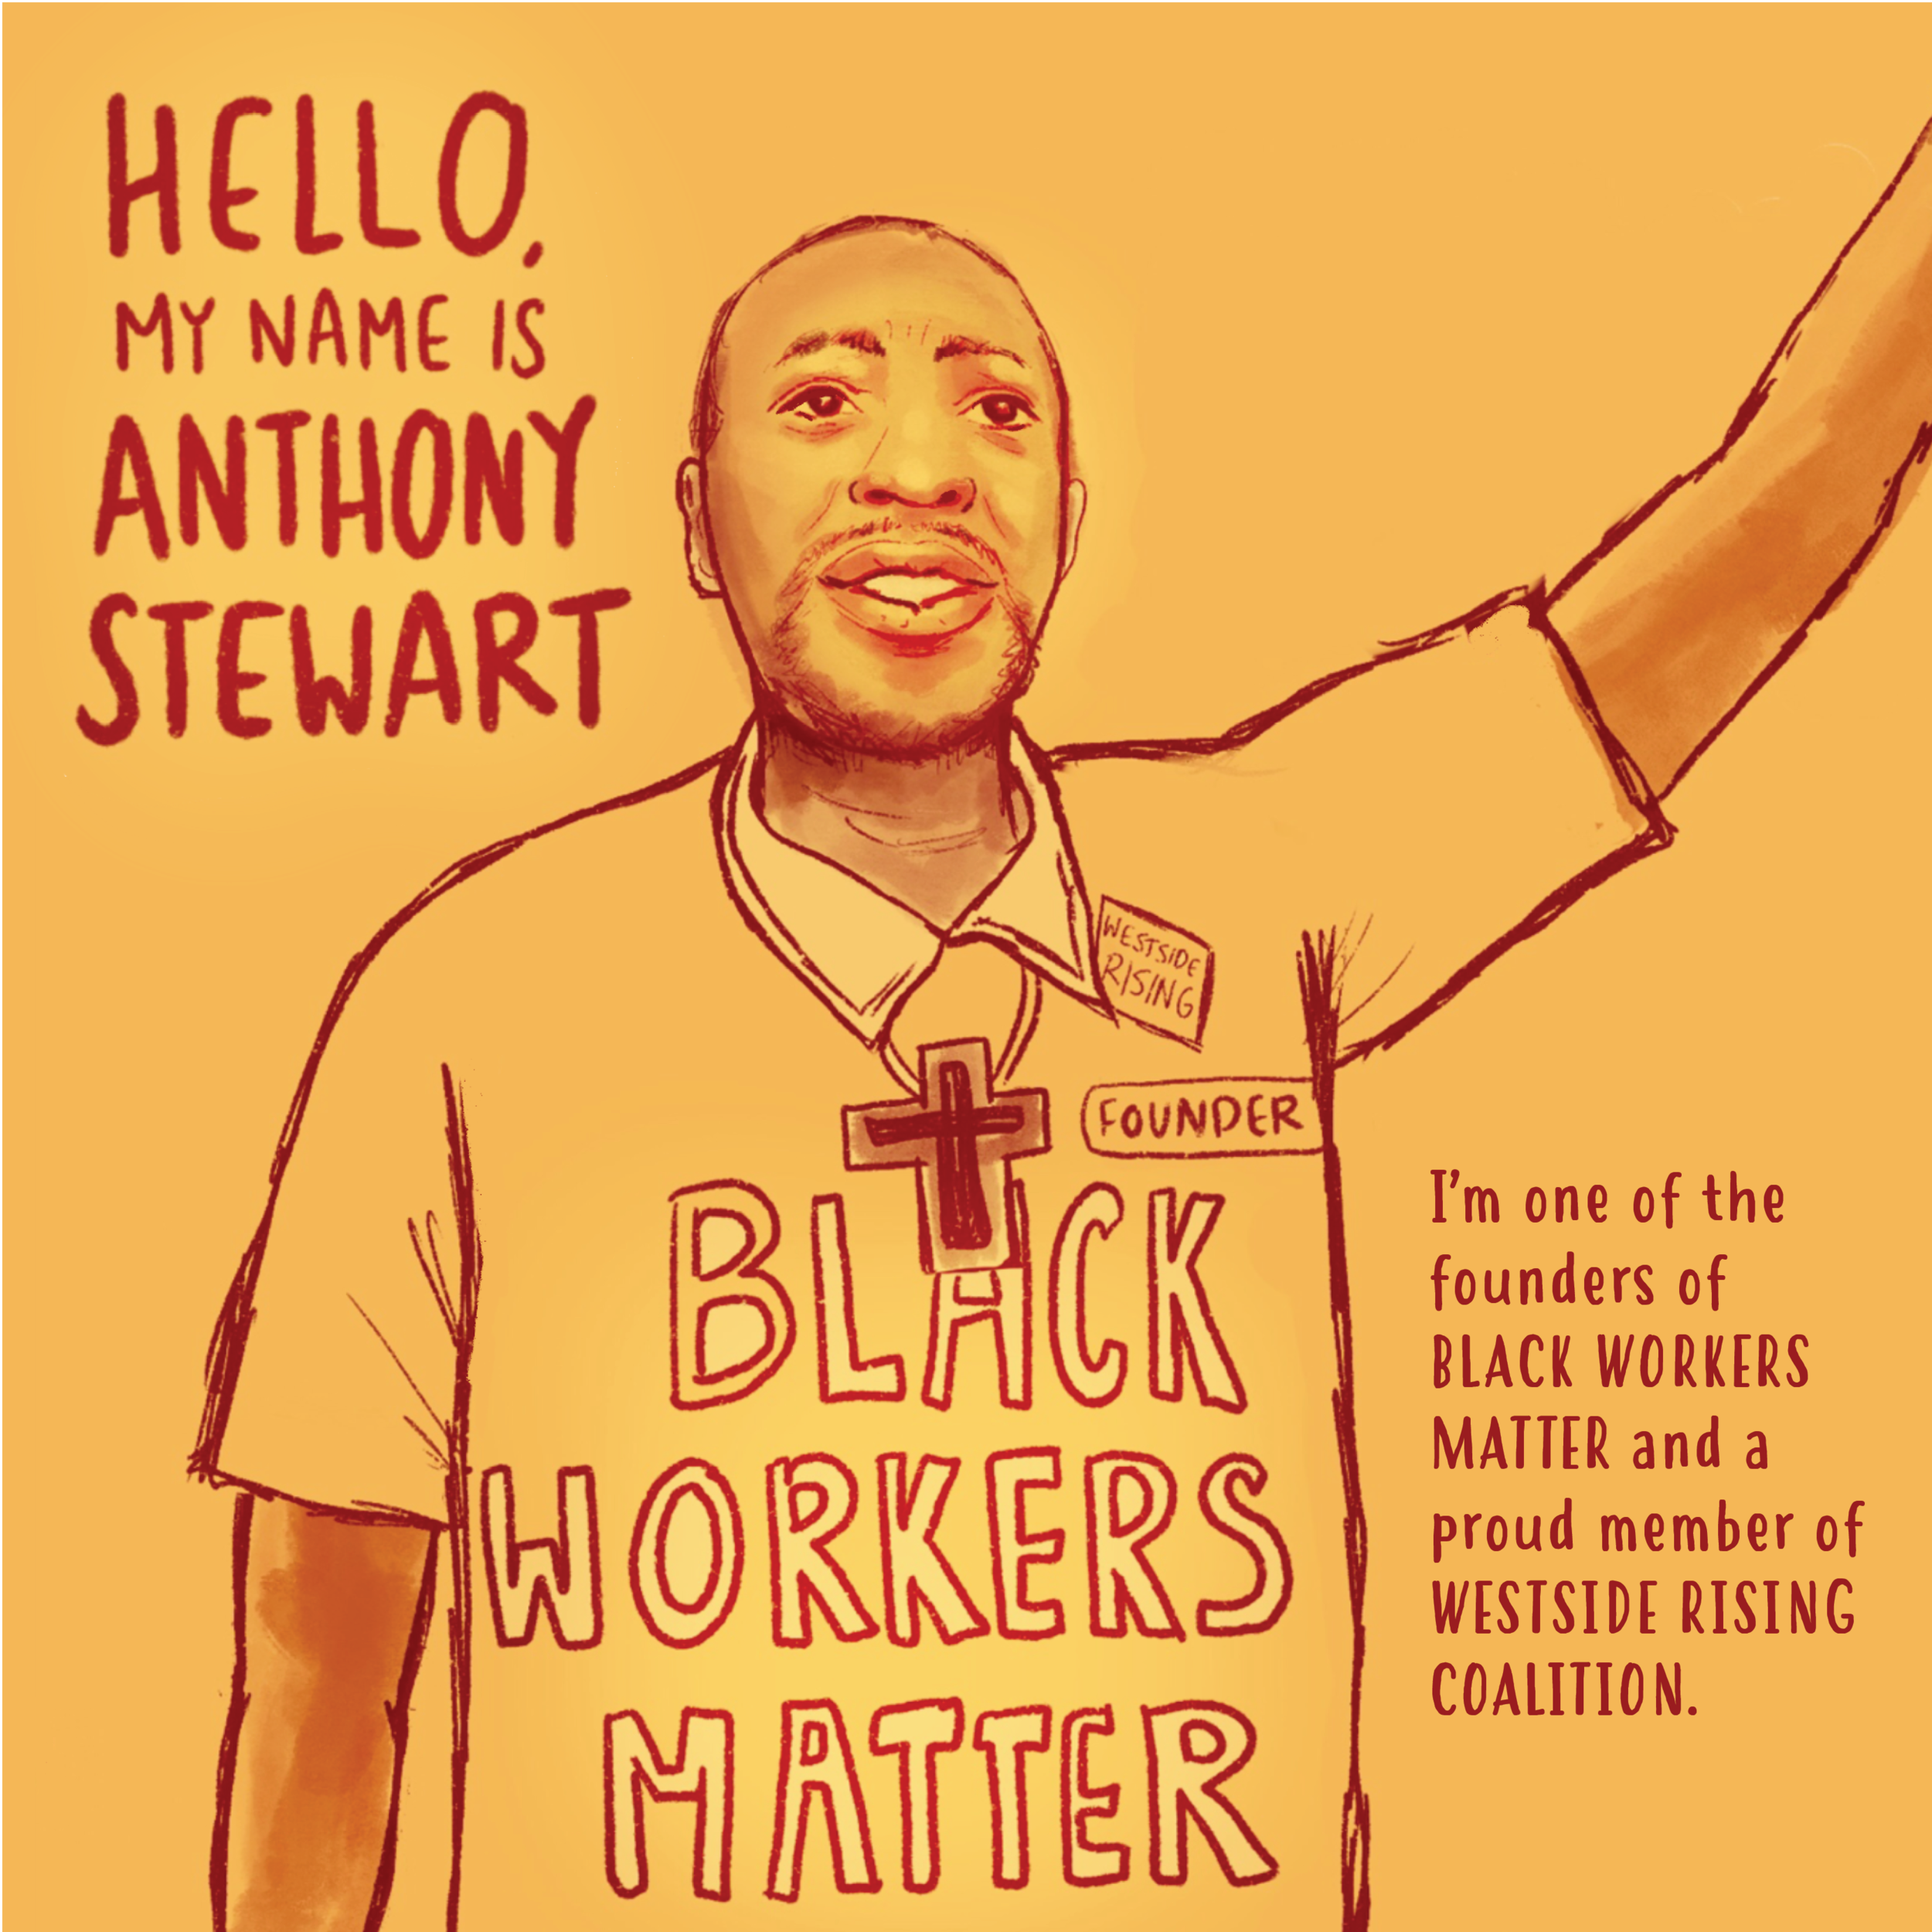 AnthonyStewart_digitalcomic.png